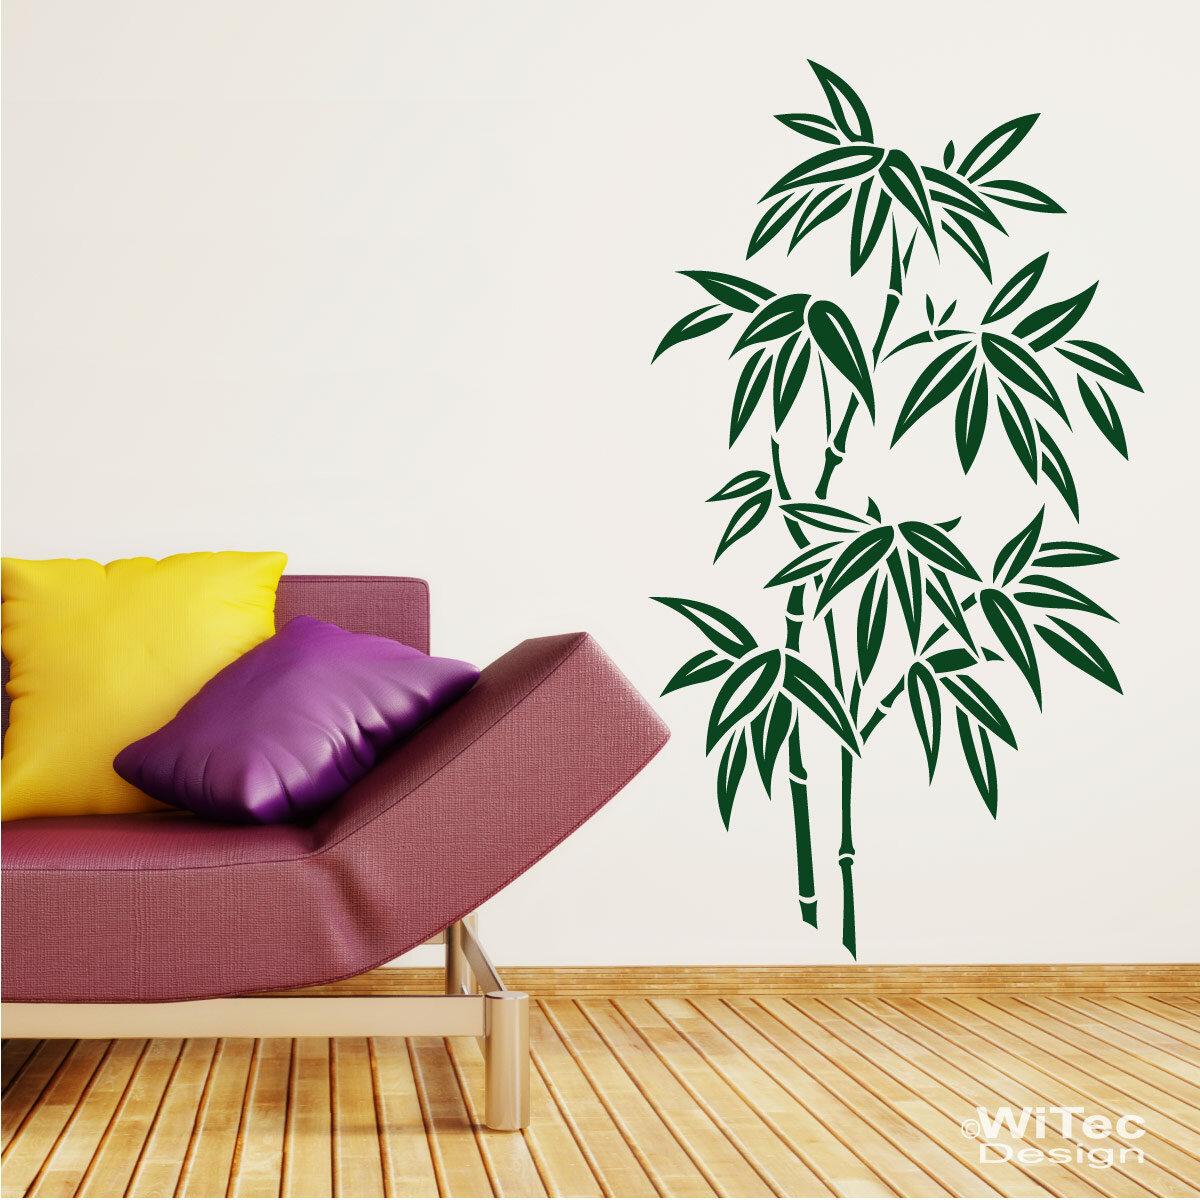 Wandtattoo Badezimmer Bambus U003e Jevelry.com U003eu003e Inspiration Für Die  Gestaltung Der Besten Räume